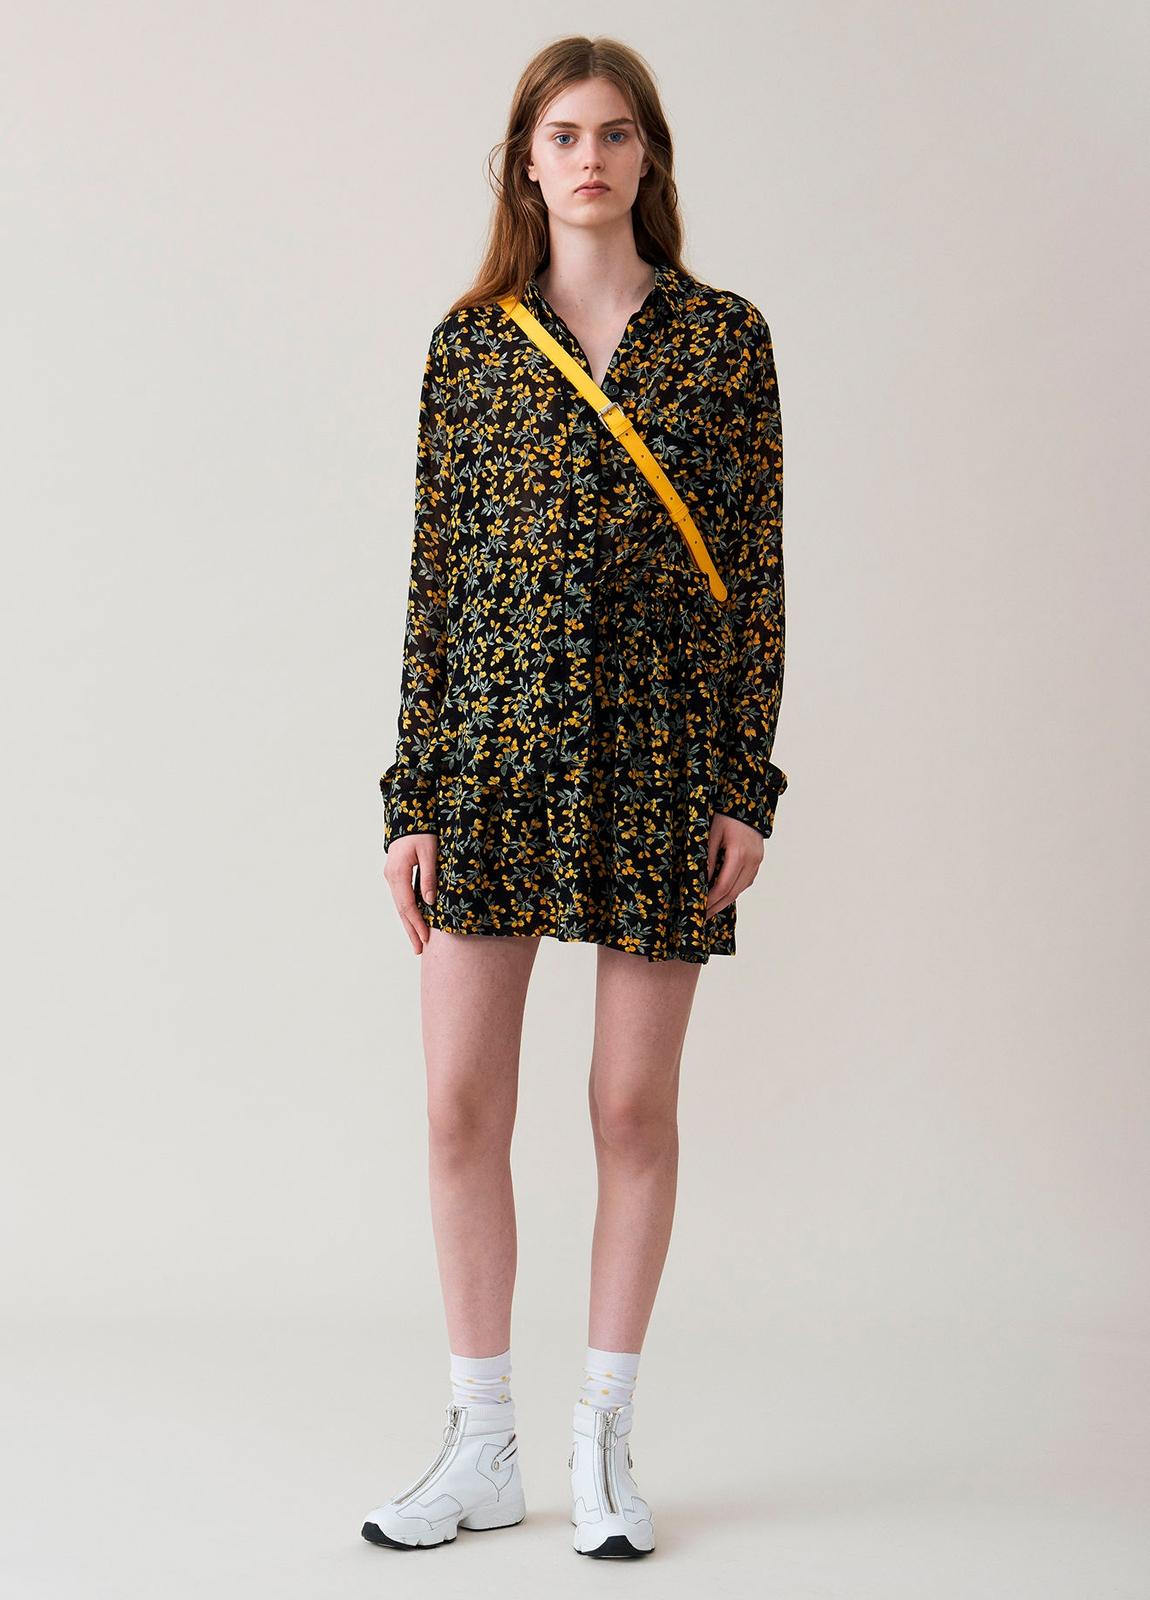 Camisa transparente color negro con estampado floral,100% Viscosa. - Ítem1